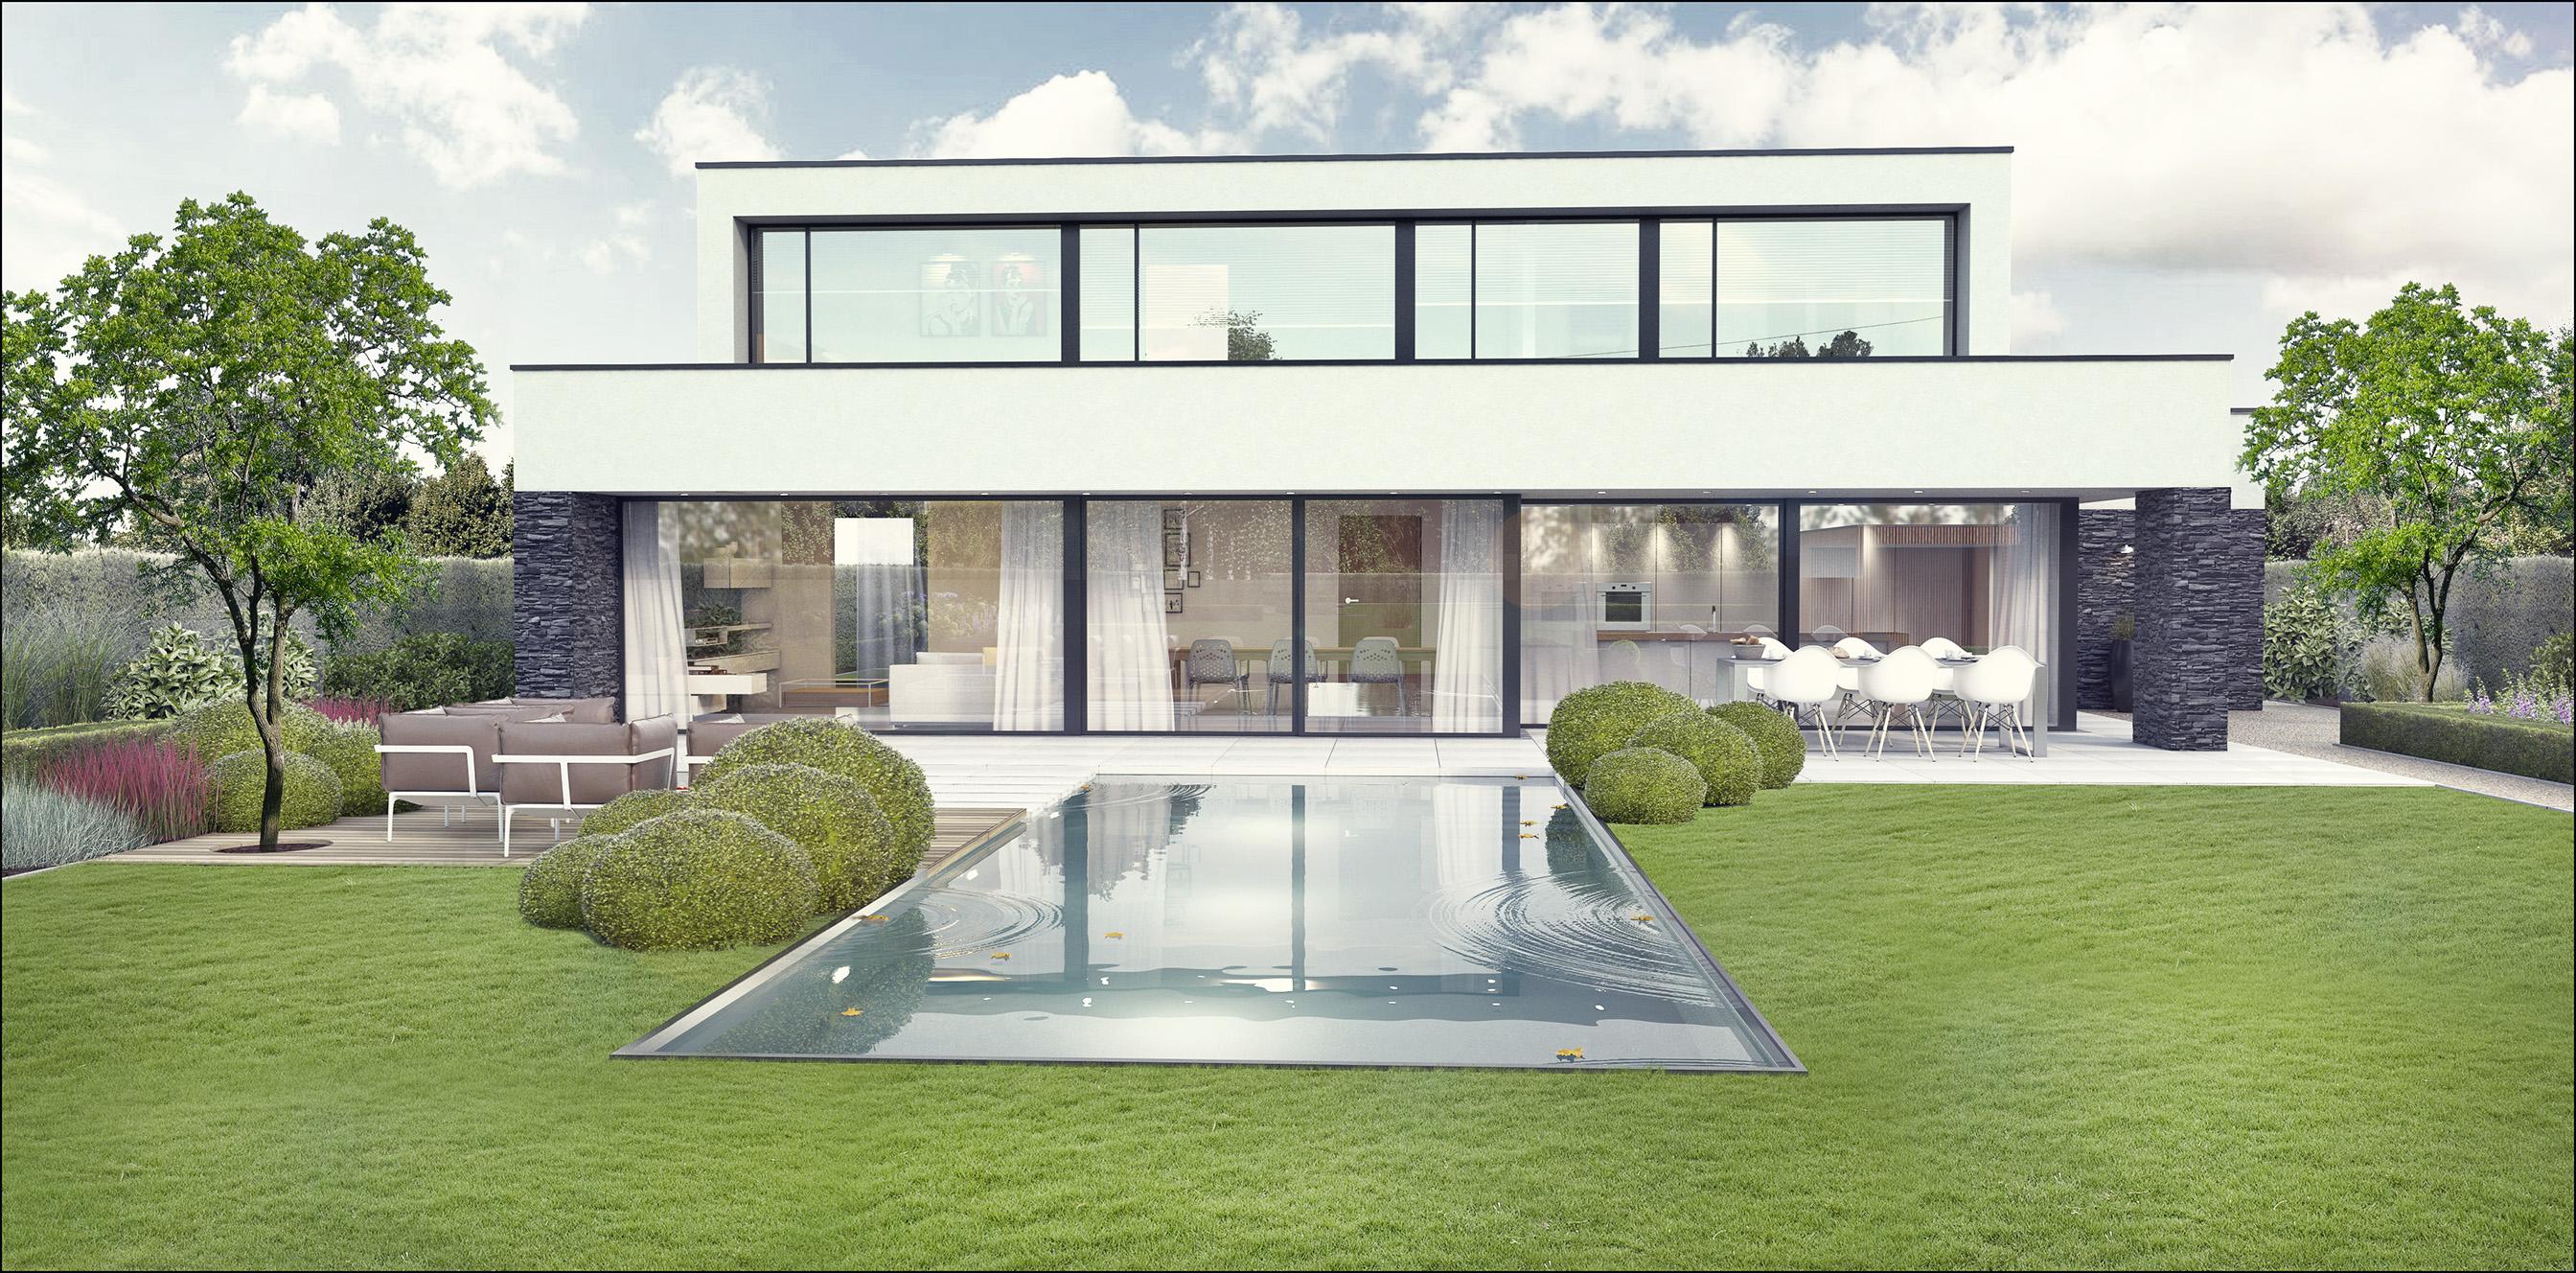 Eco tuinarchitectengroep 3d projecten tuin moderne woning for Huizen ideeen